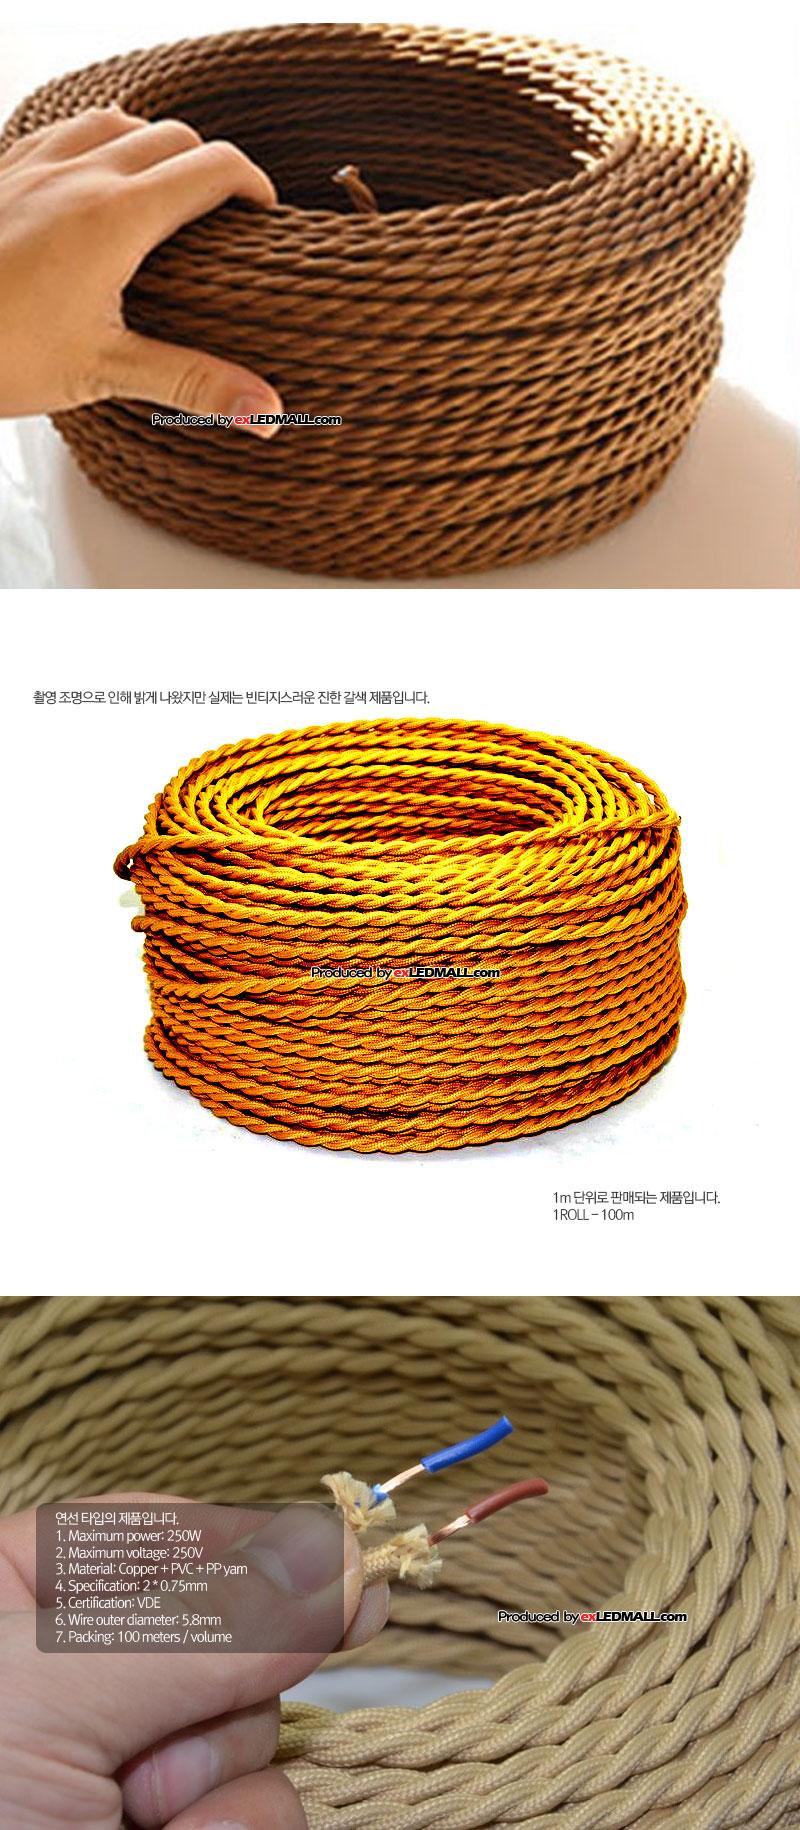 빈티지 컬러 꽈배기 면선 (연선타입 2P / 250v / 250w / 2x0.75) 1m 단위 판매 - 진한갈색